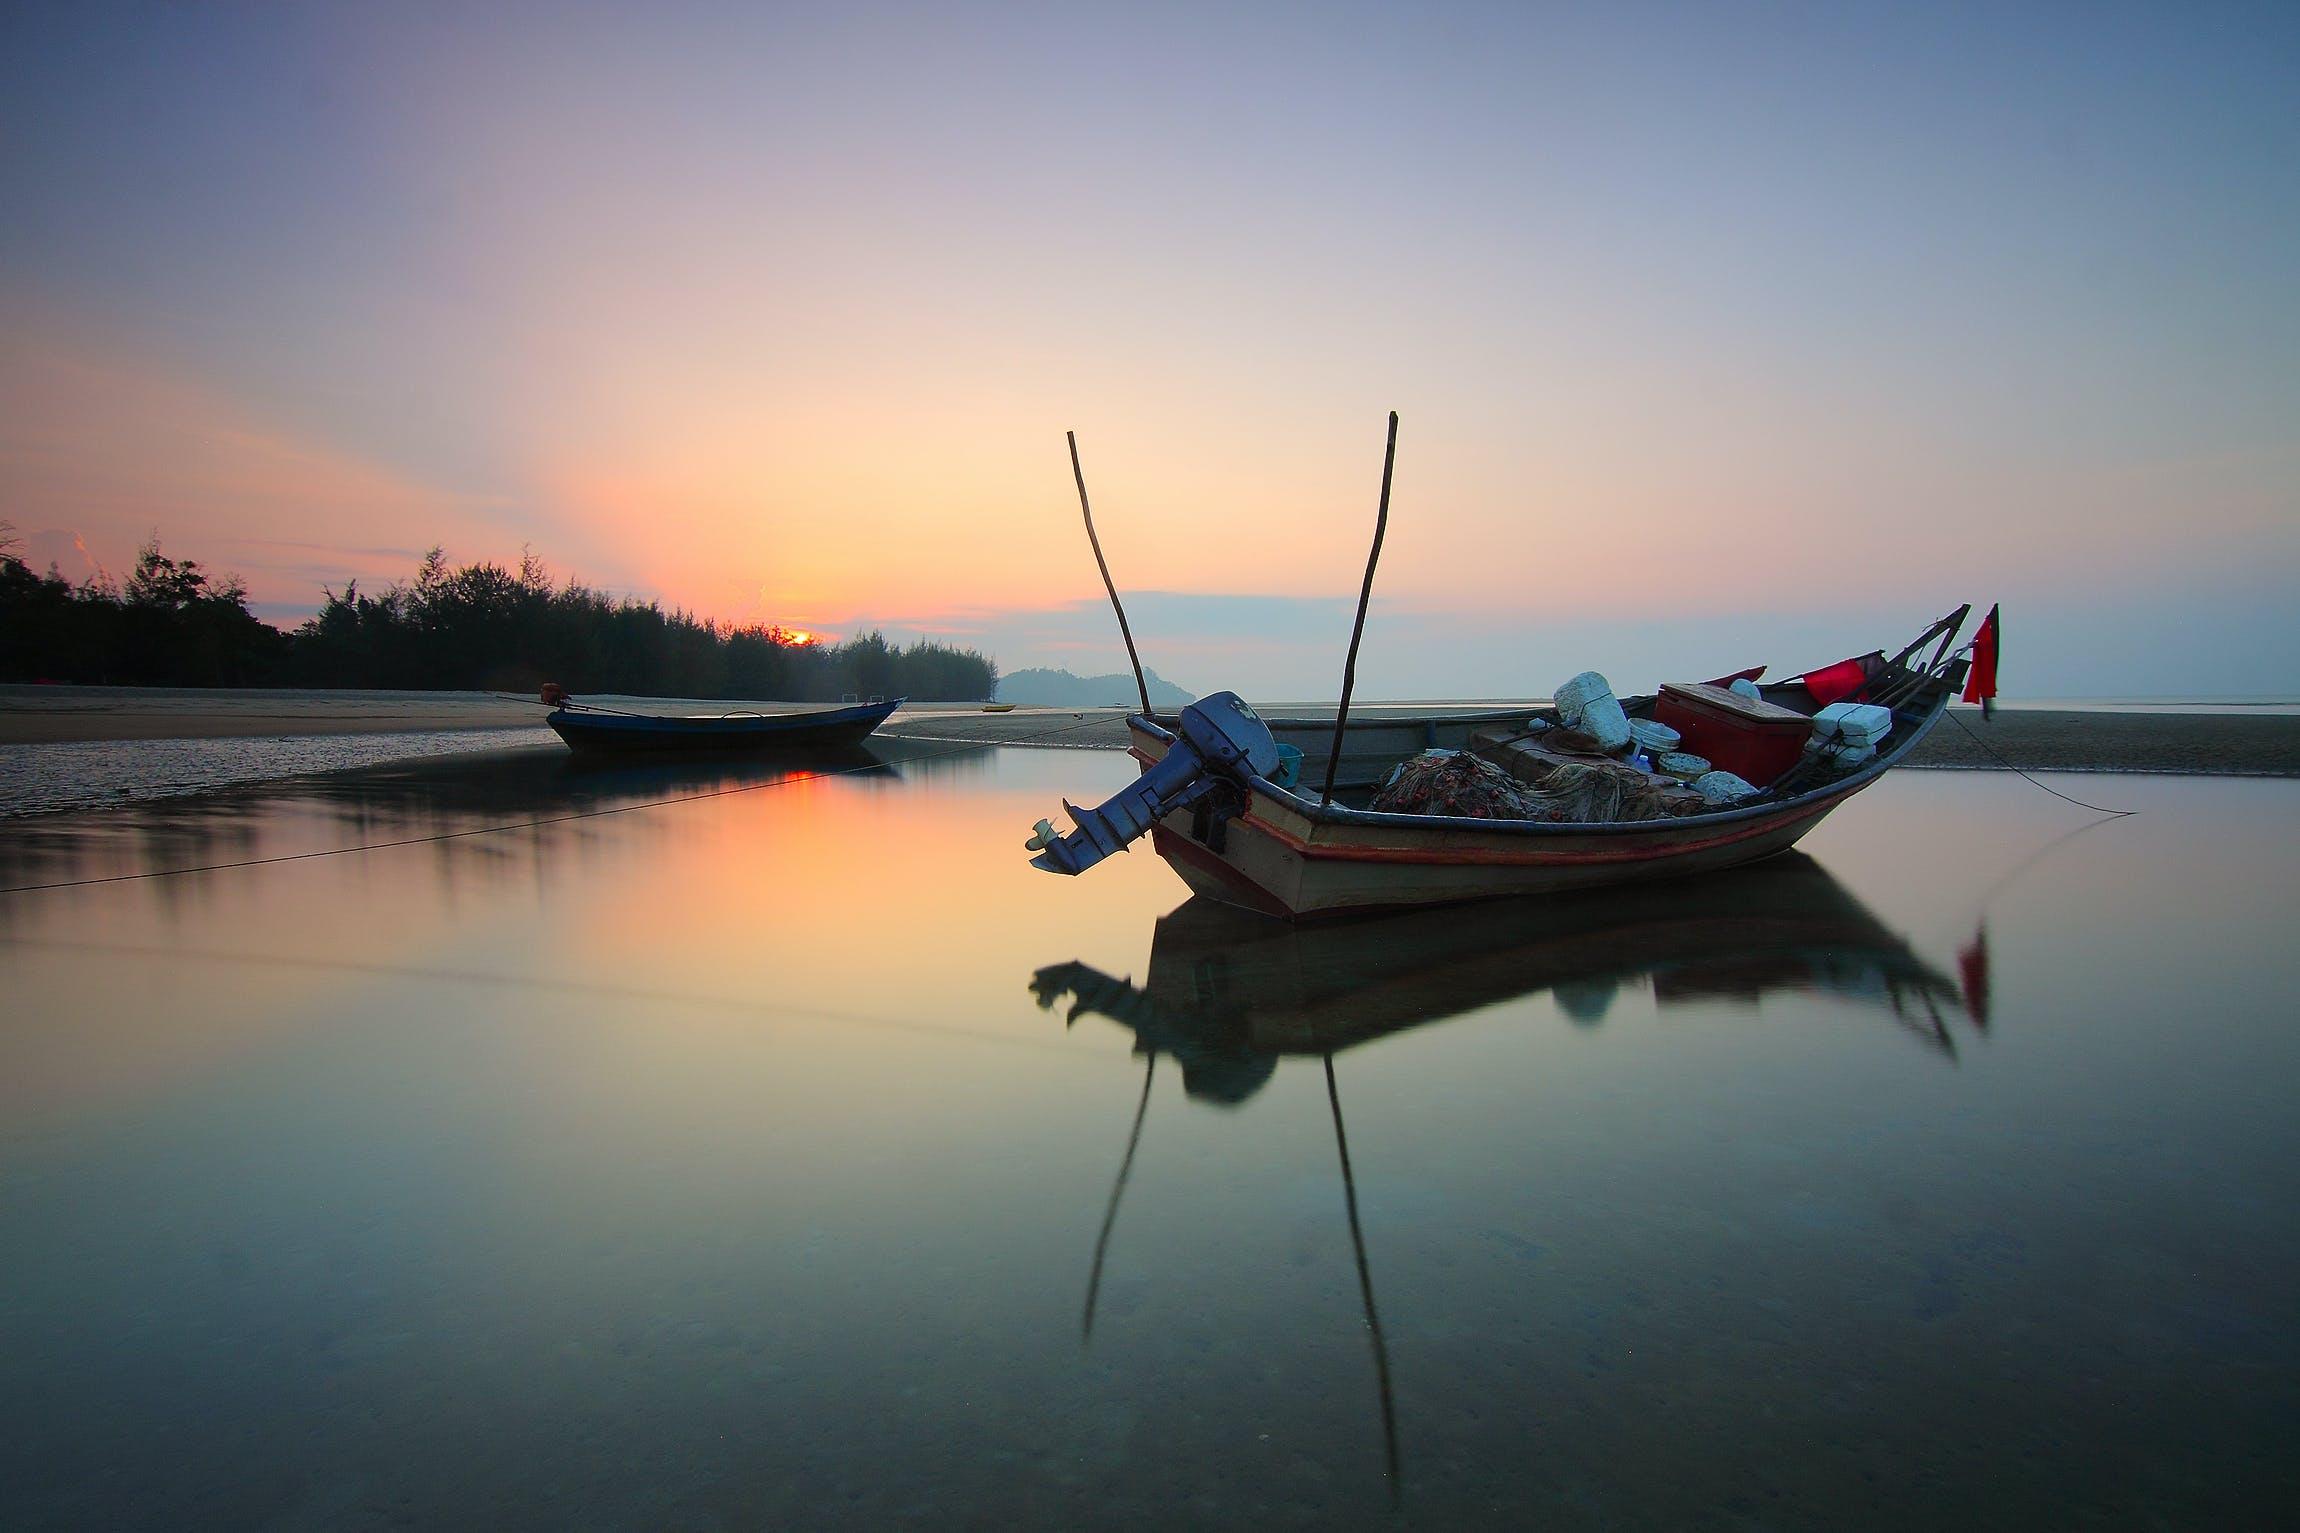 Foto profissional grátis de água, alvorecer, árvores, barco de pesca